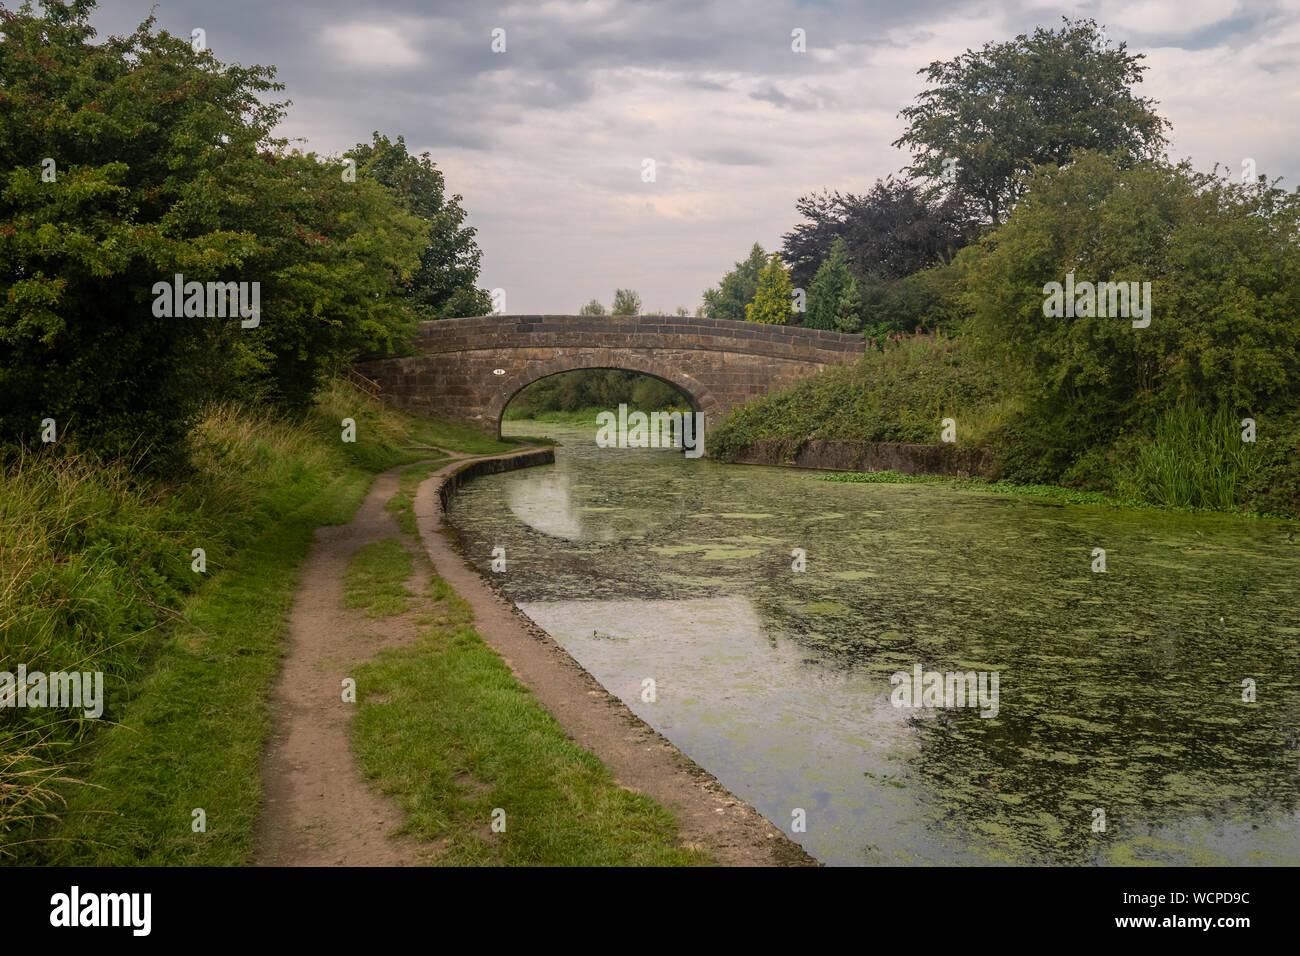 El Leeds liverpool canal en Aspull cerca de Wigan en Gran Manchester Foto de stock